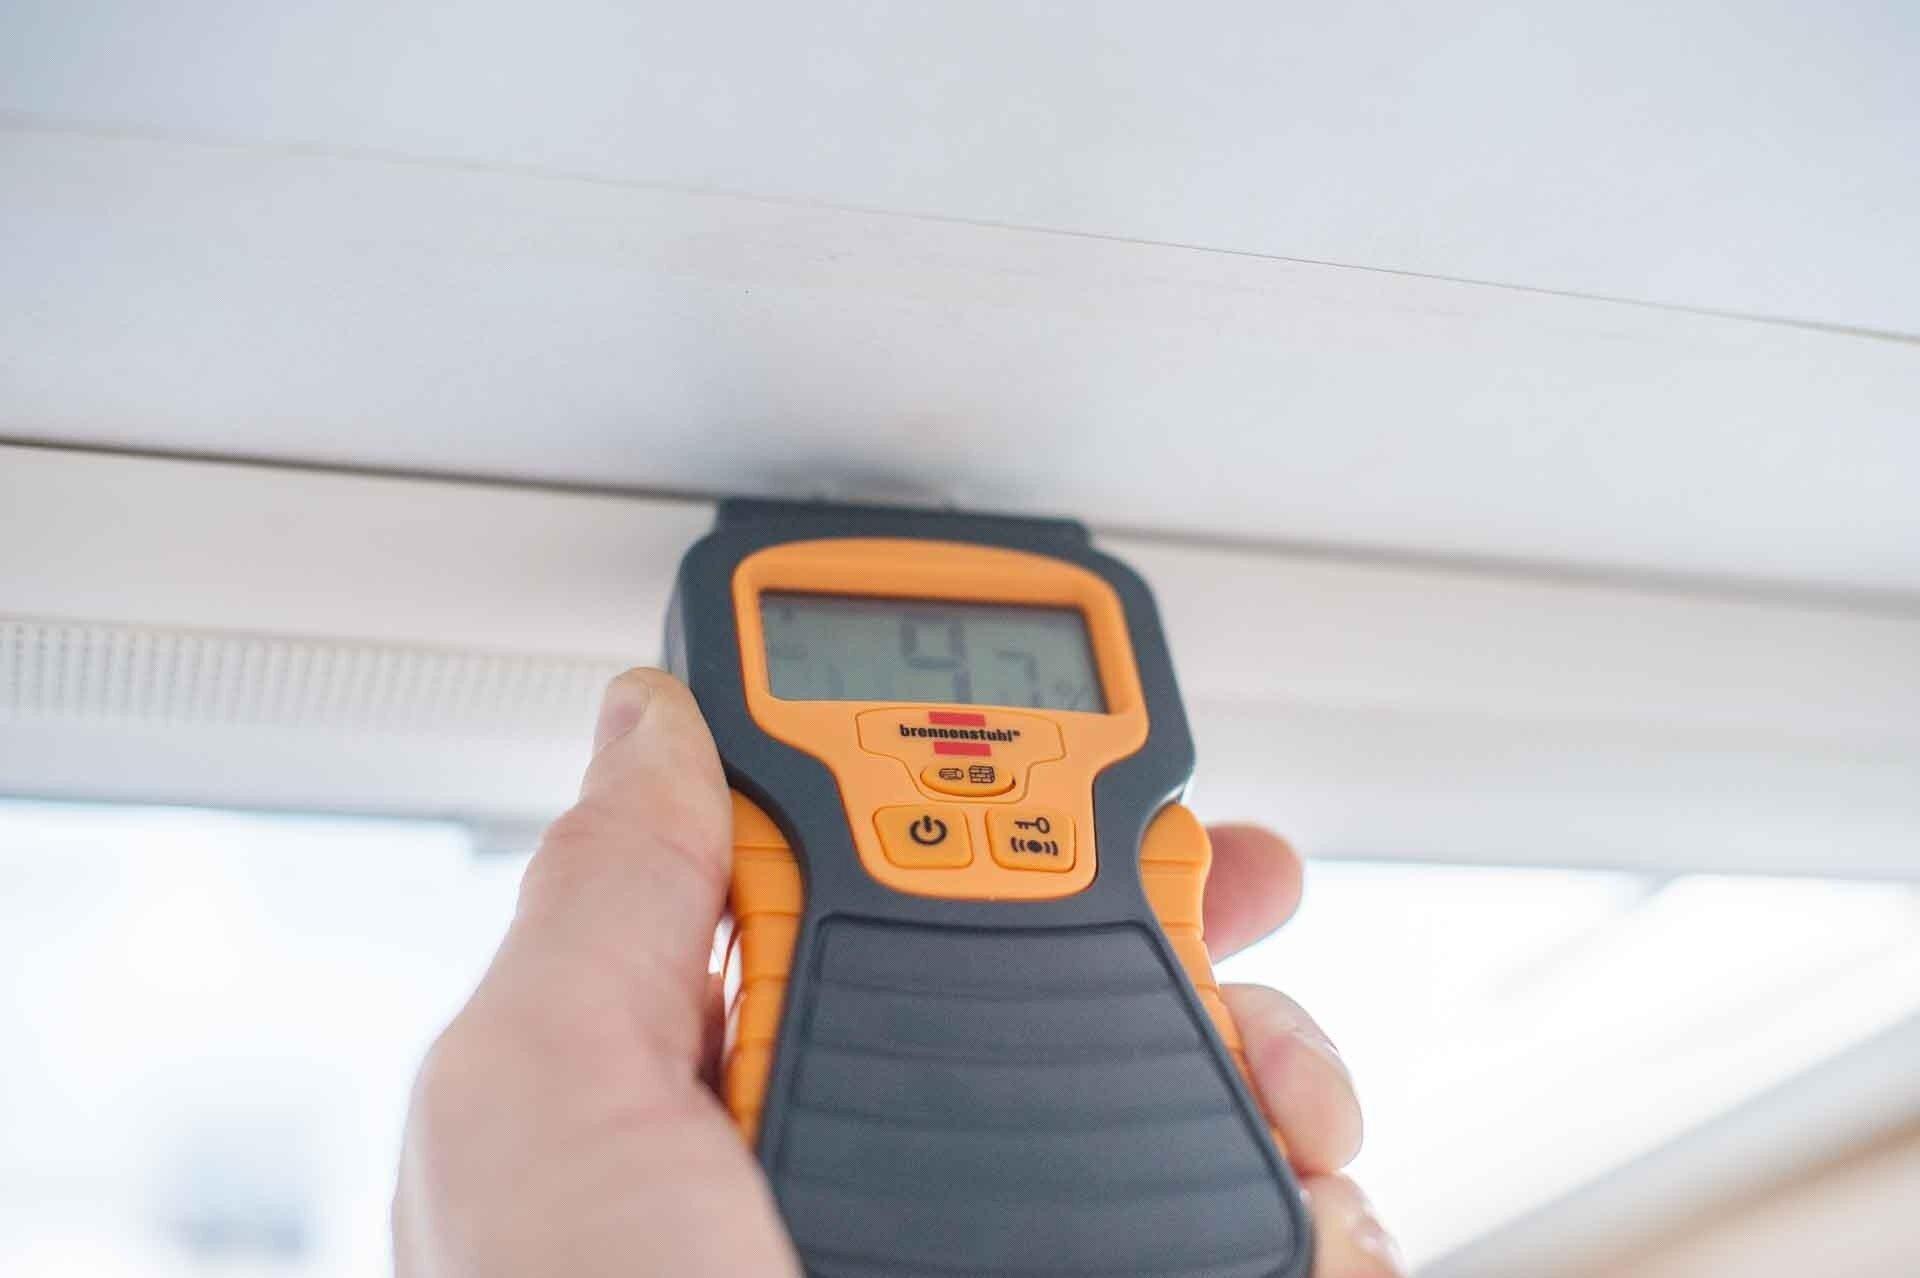 MYSMALLHOUSE.de Brennstuhl Feuchtigkeitsmessgerät für Wohnwagen Dichtigkeitsprüfung Holz Feuchtigkeit Dachhaube